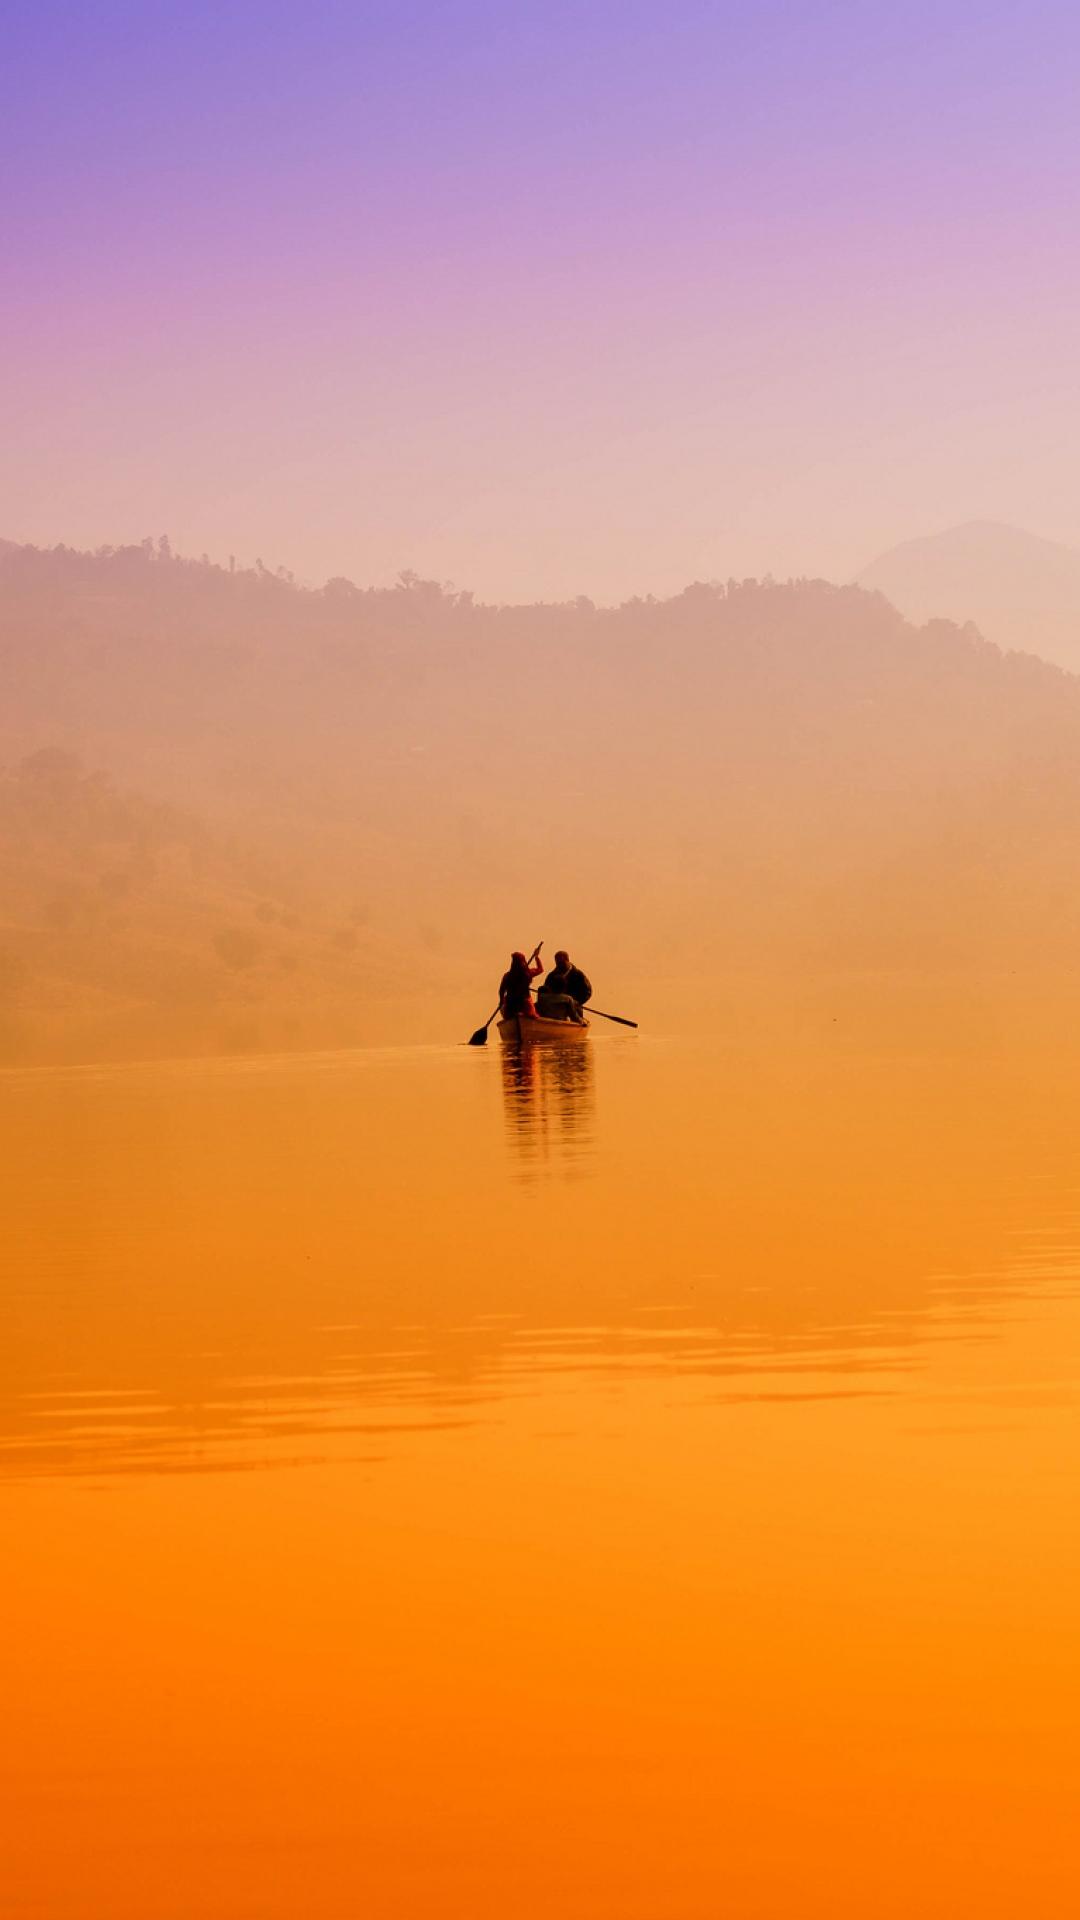 boat lake mist hills 100244 1080x1920 3Wallpapers : notre sélection de fonds d'écran du 22/09/2017